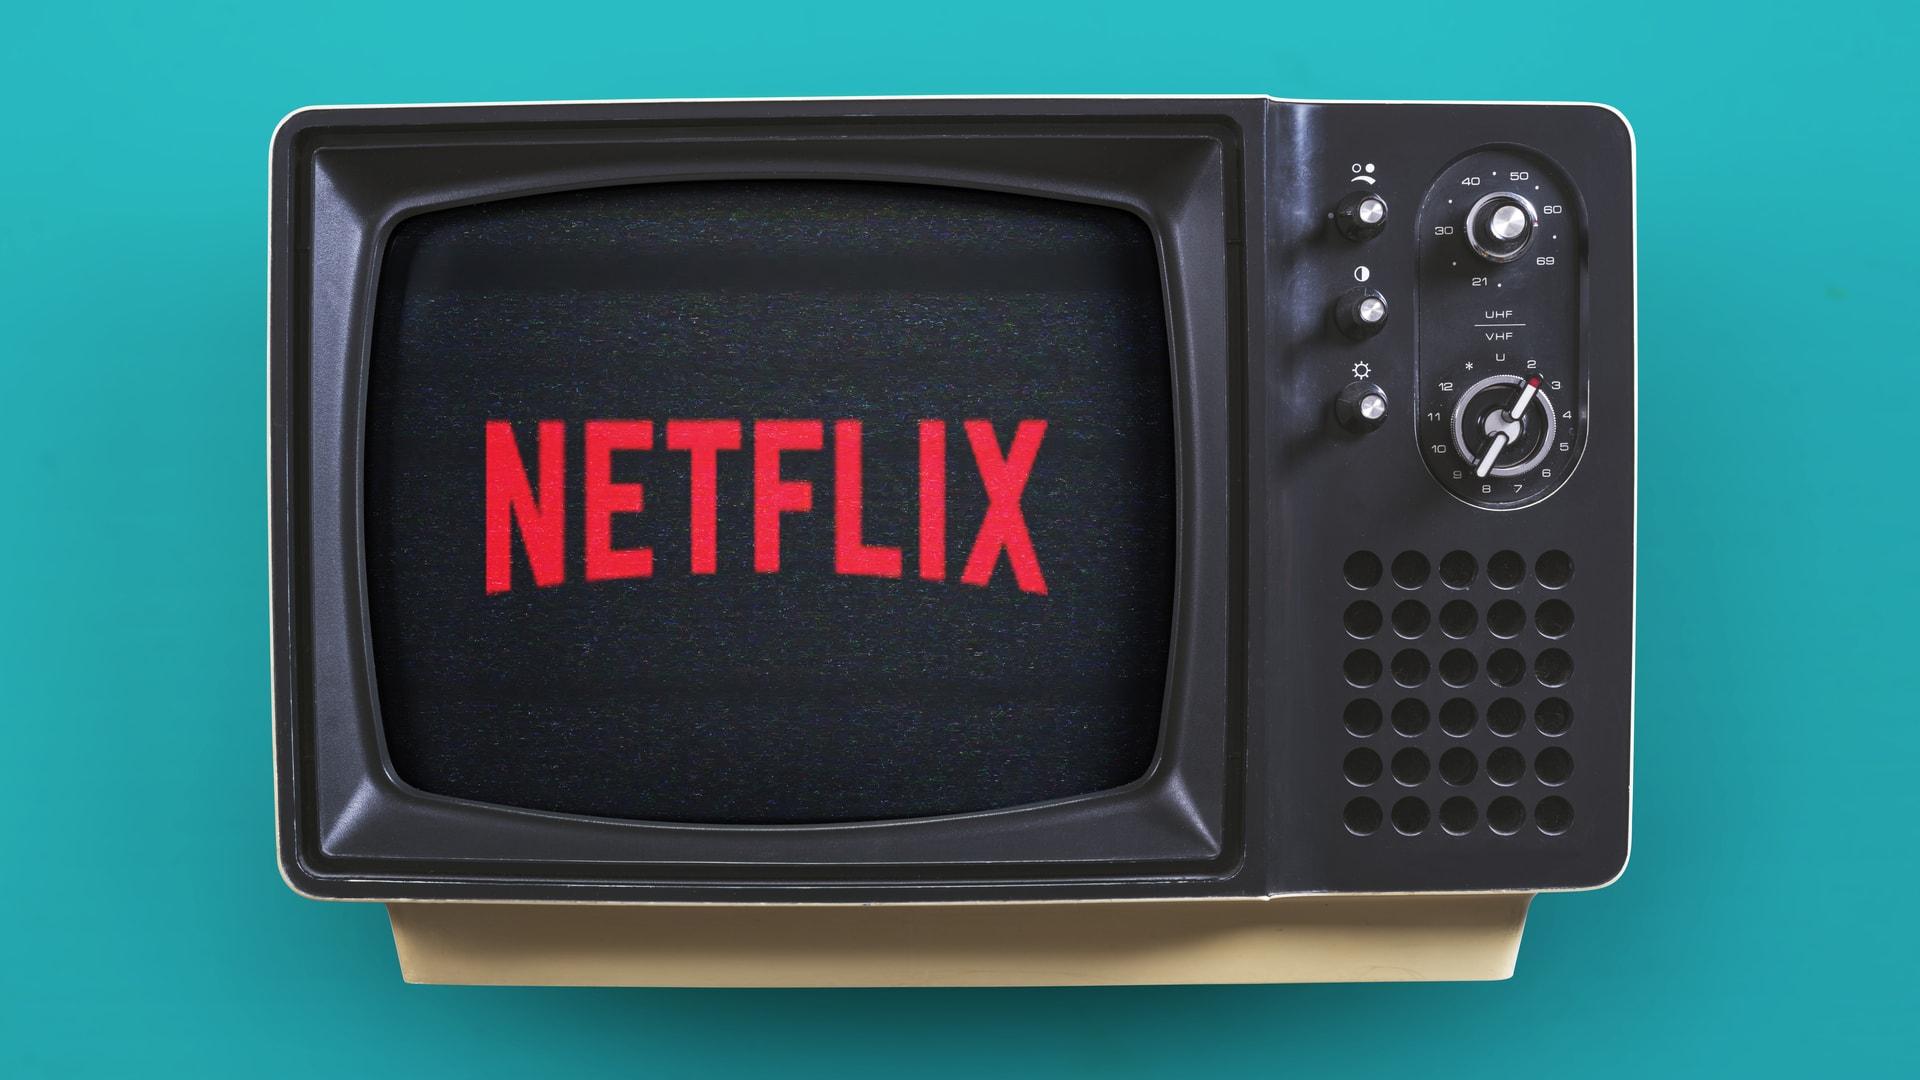 Etxea utzi genuen, beraz, Netflix-ek bideoaren kalitatea handitzen du.  Pandemiaren amaiera AHko sektorean